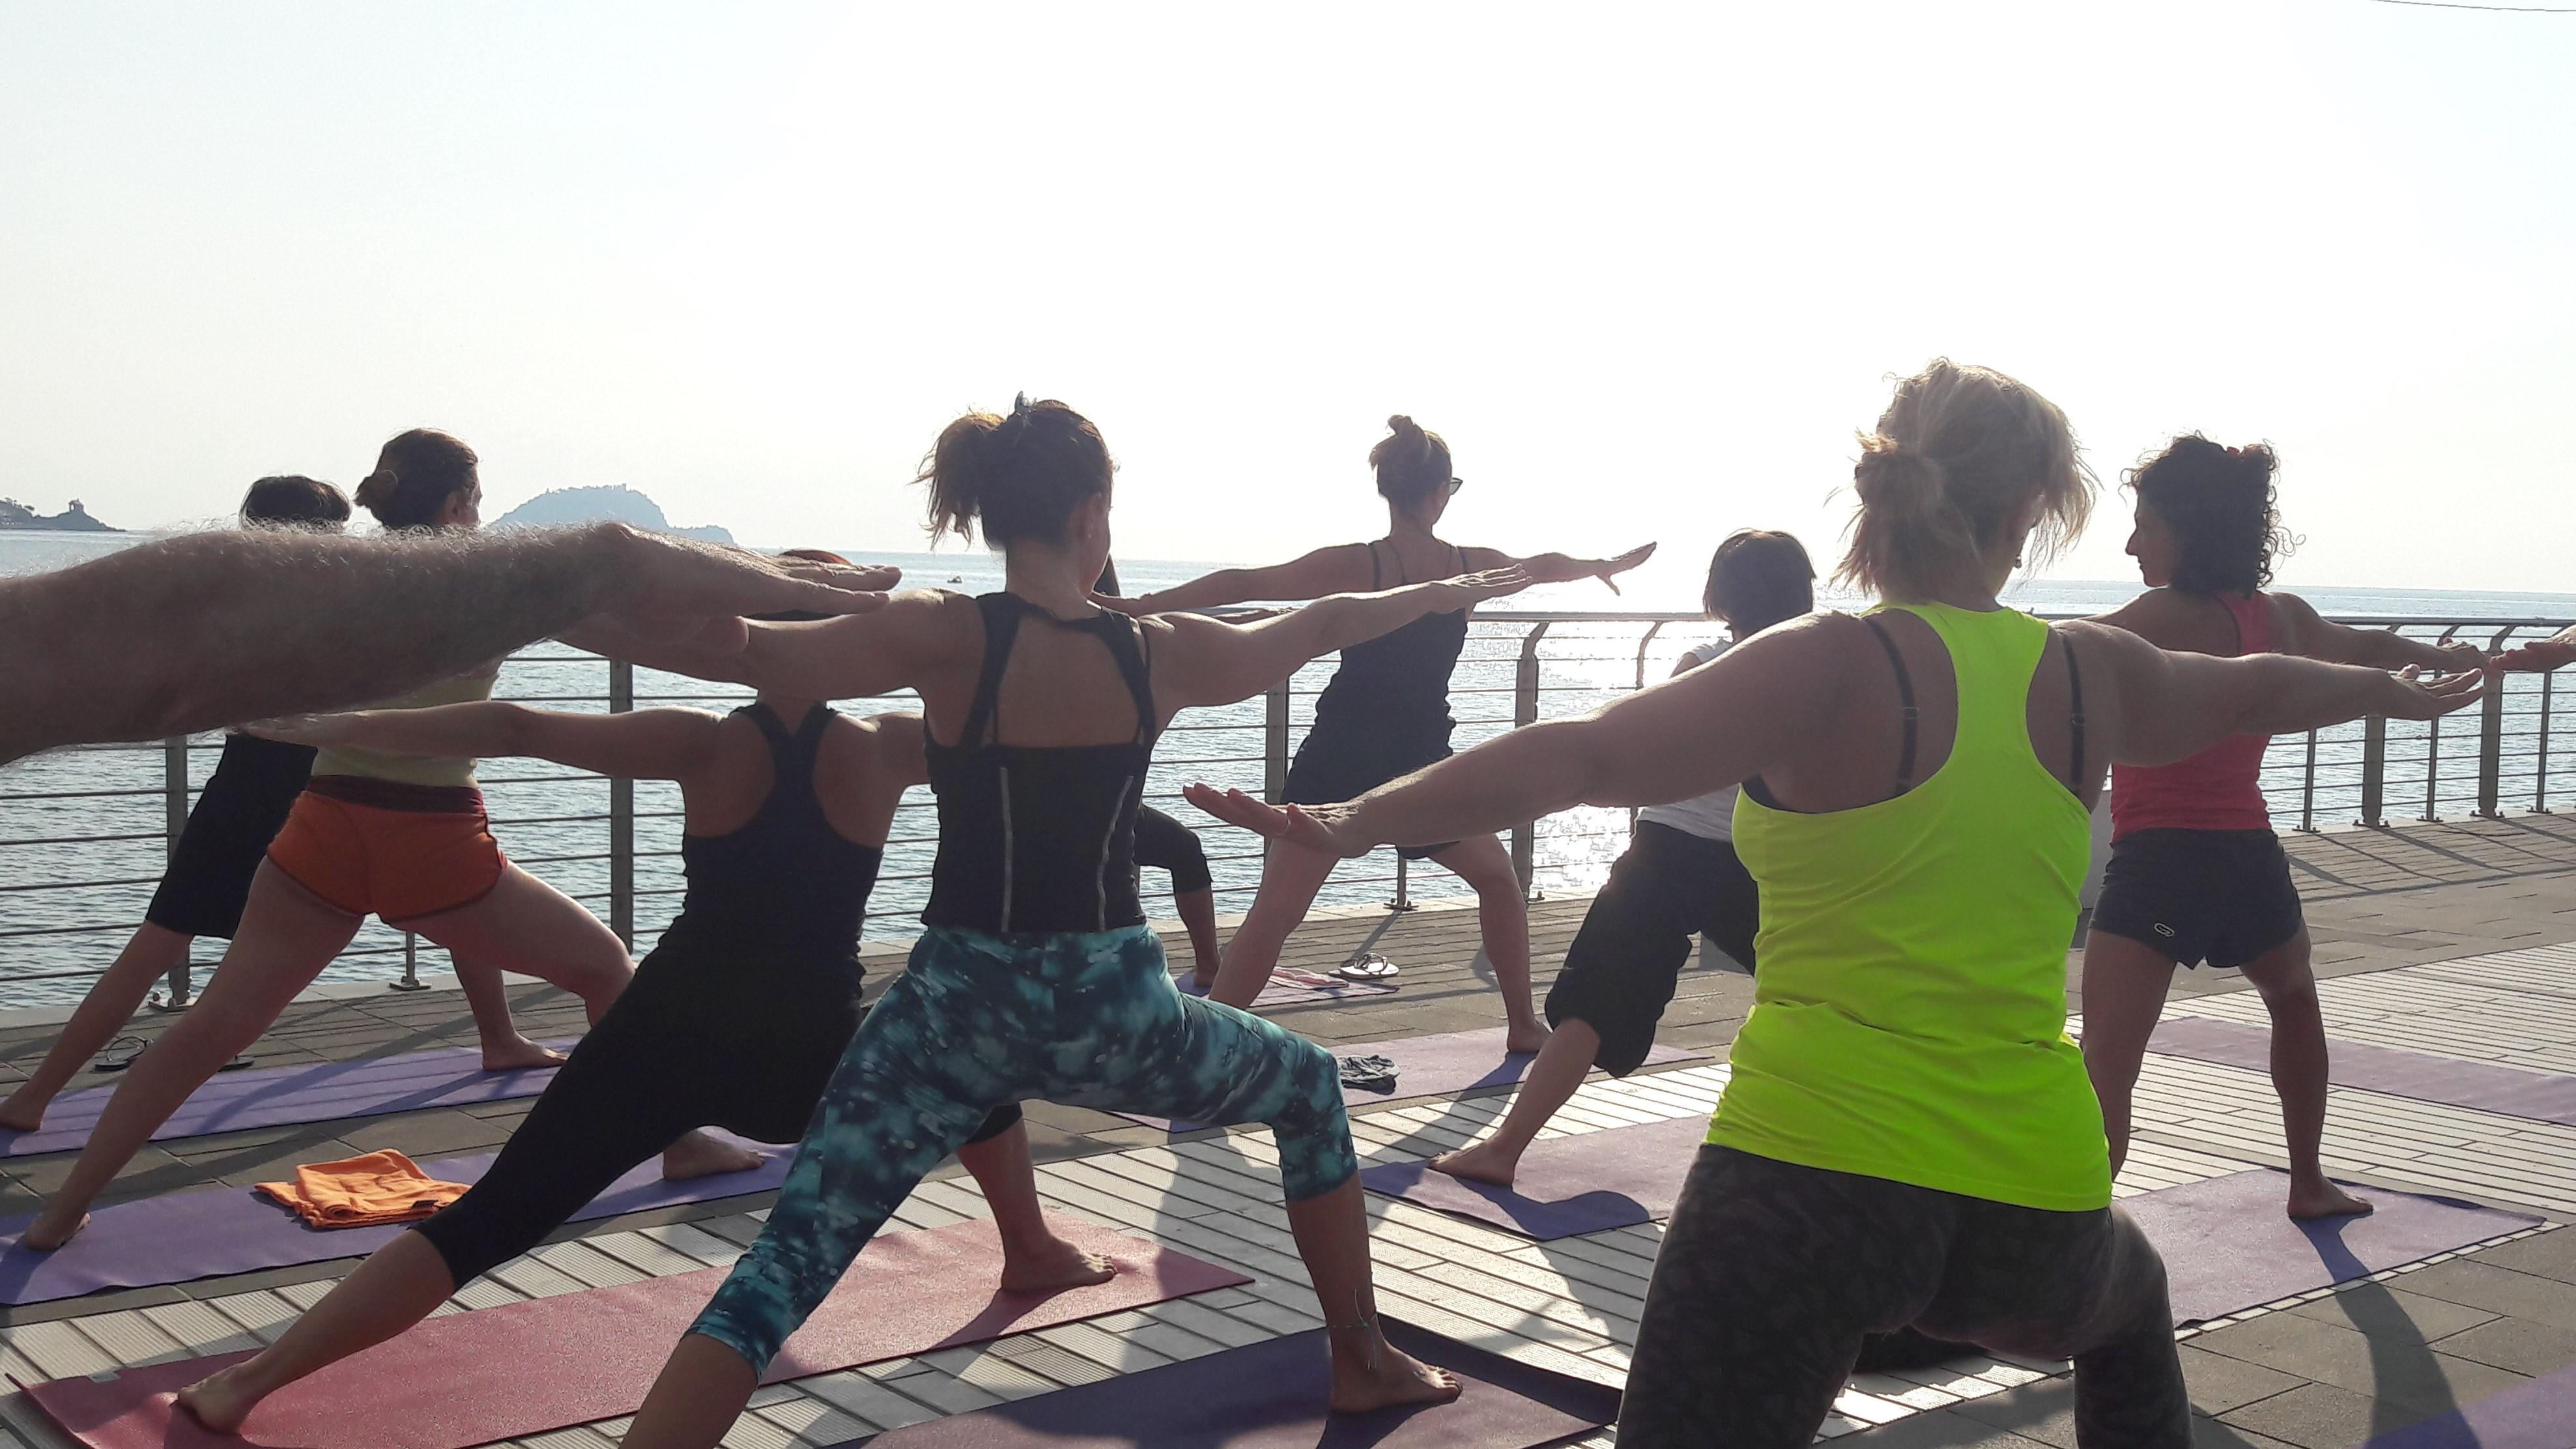 essere-free-yoga-gratuito-benessere-per-tutti-village-citta-alassio-estate-lucia-ragazzi-summer-town-wellness-053